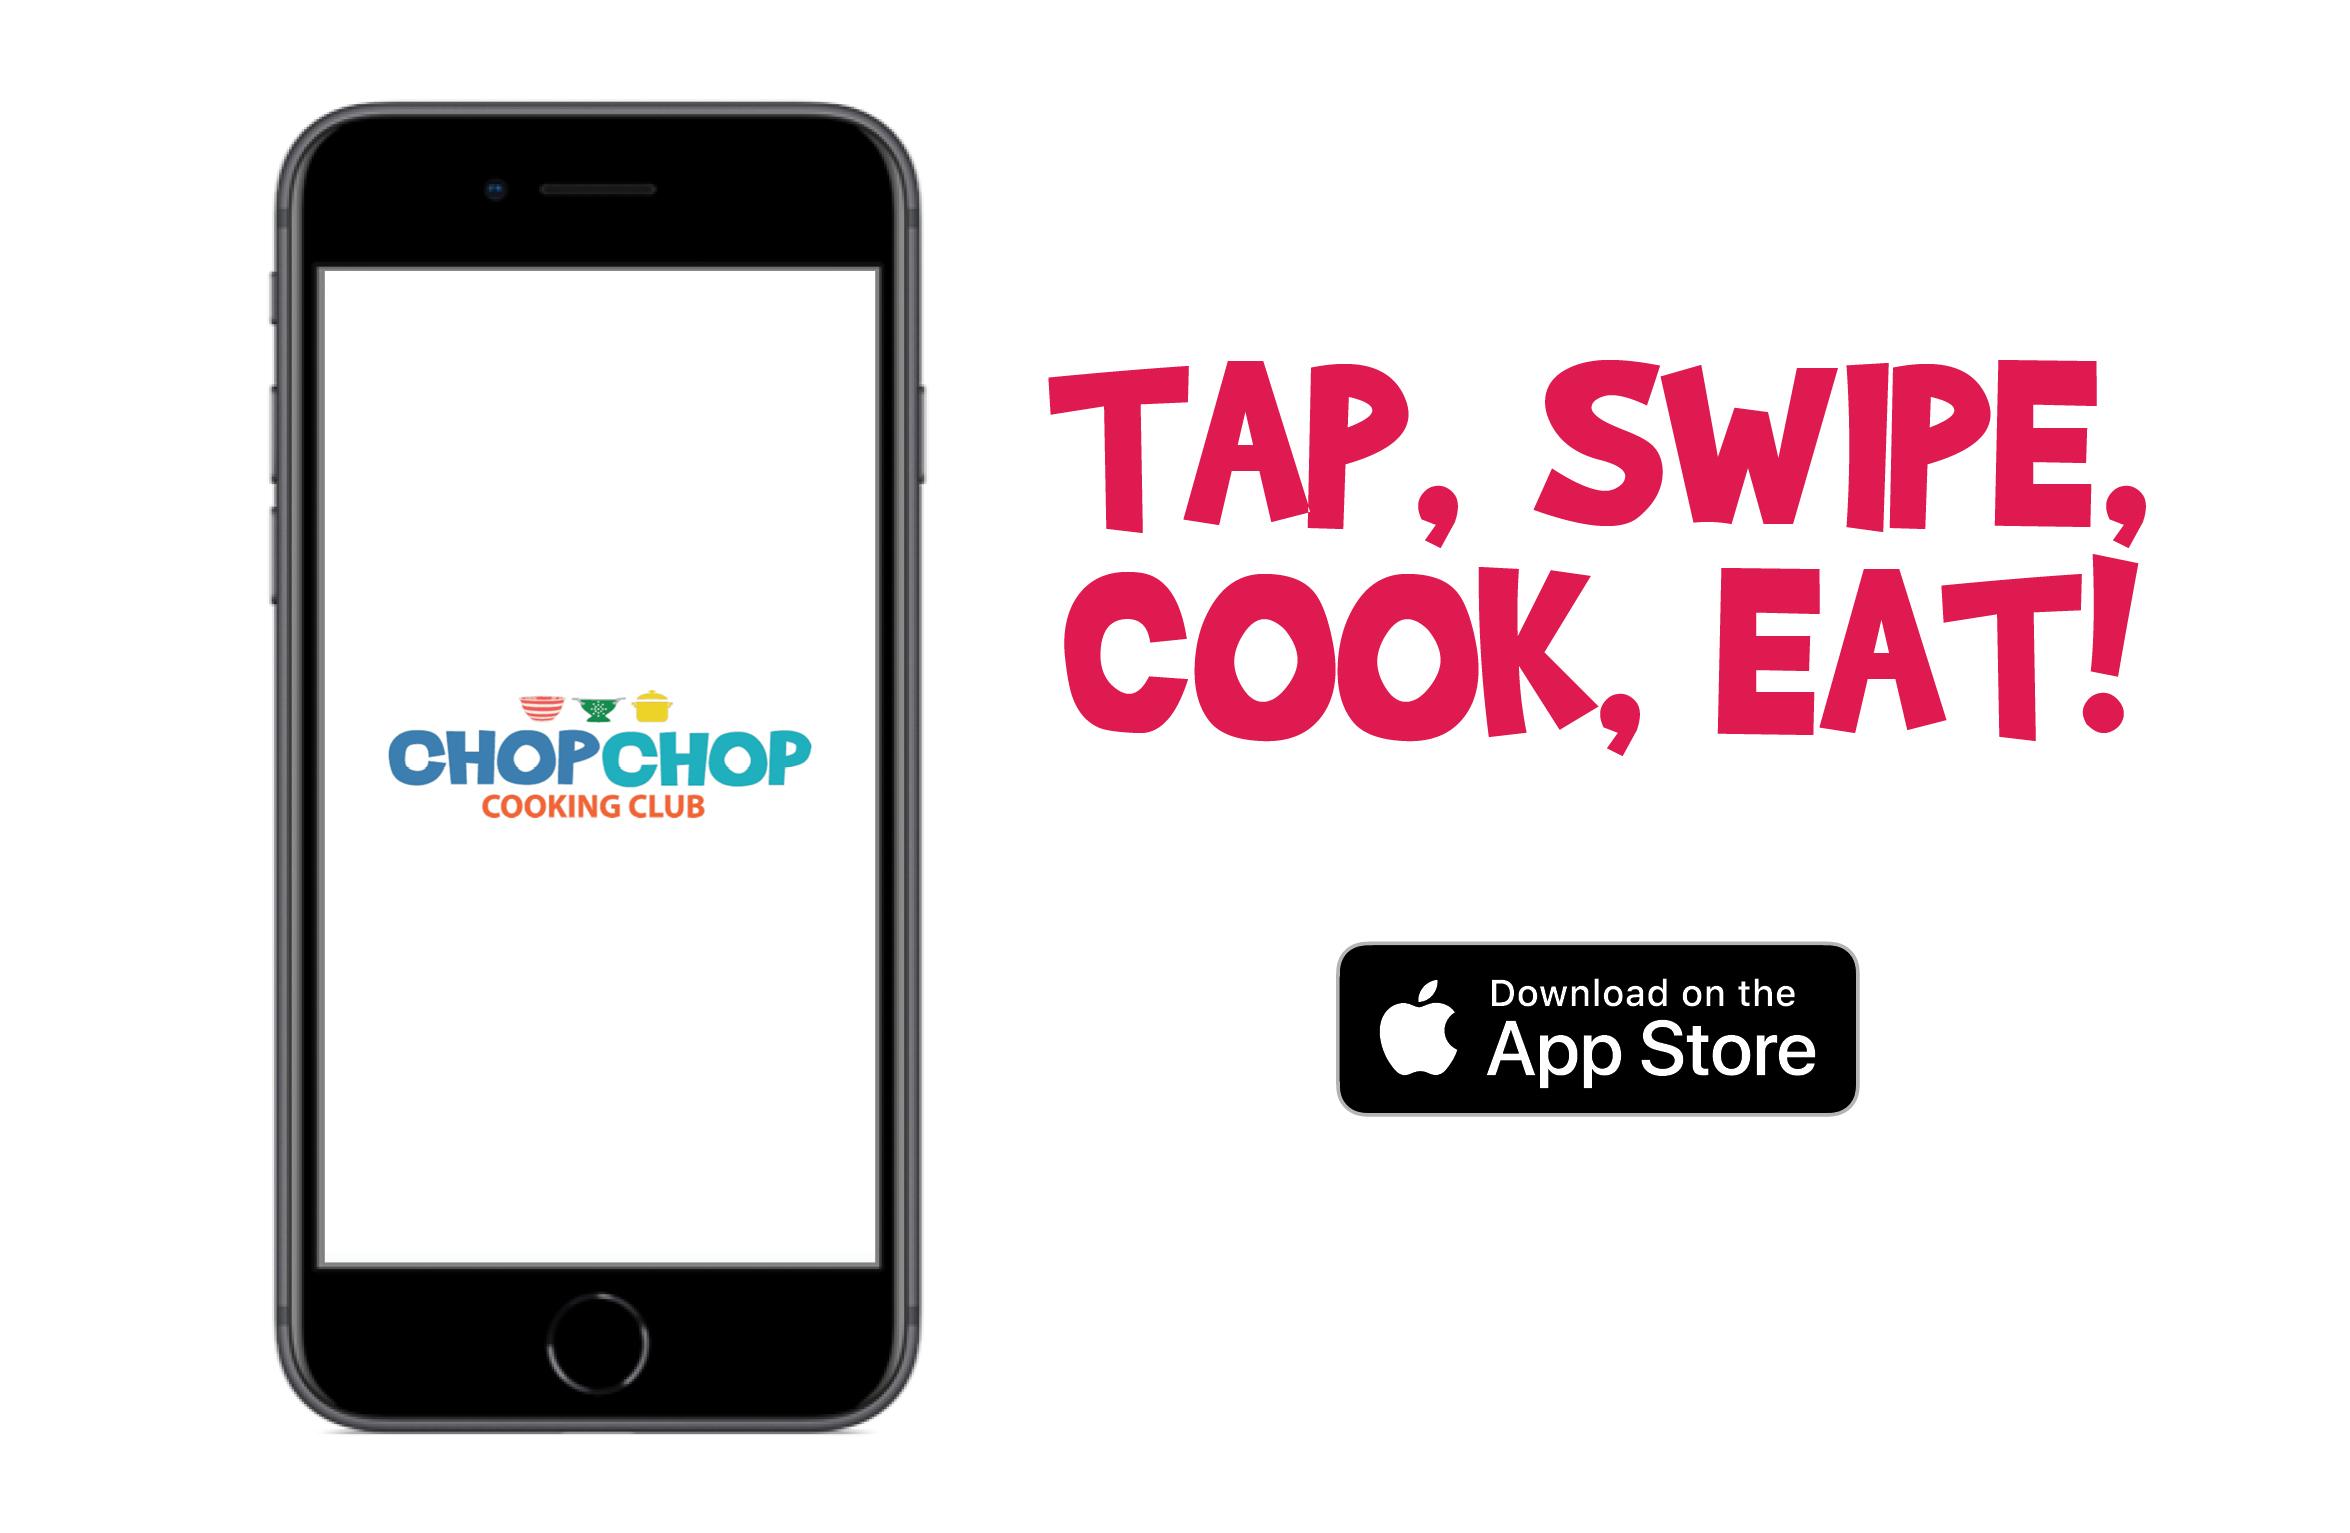 http://www.chopchopmag.org/app